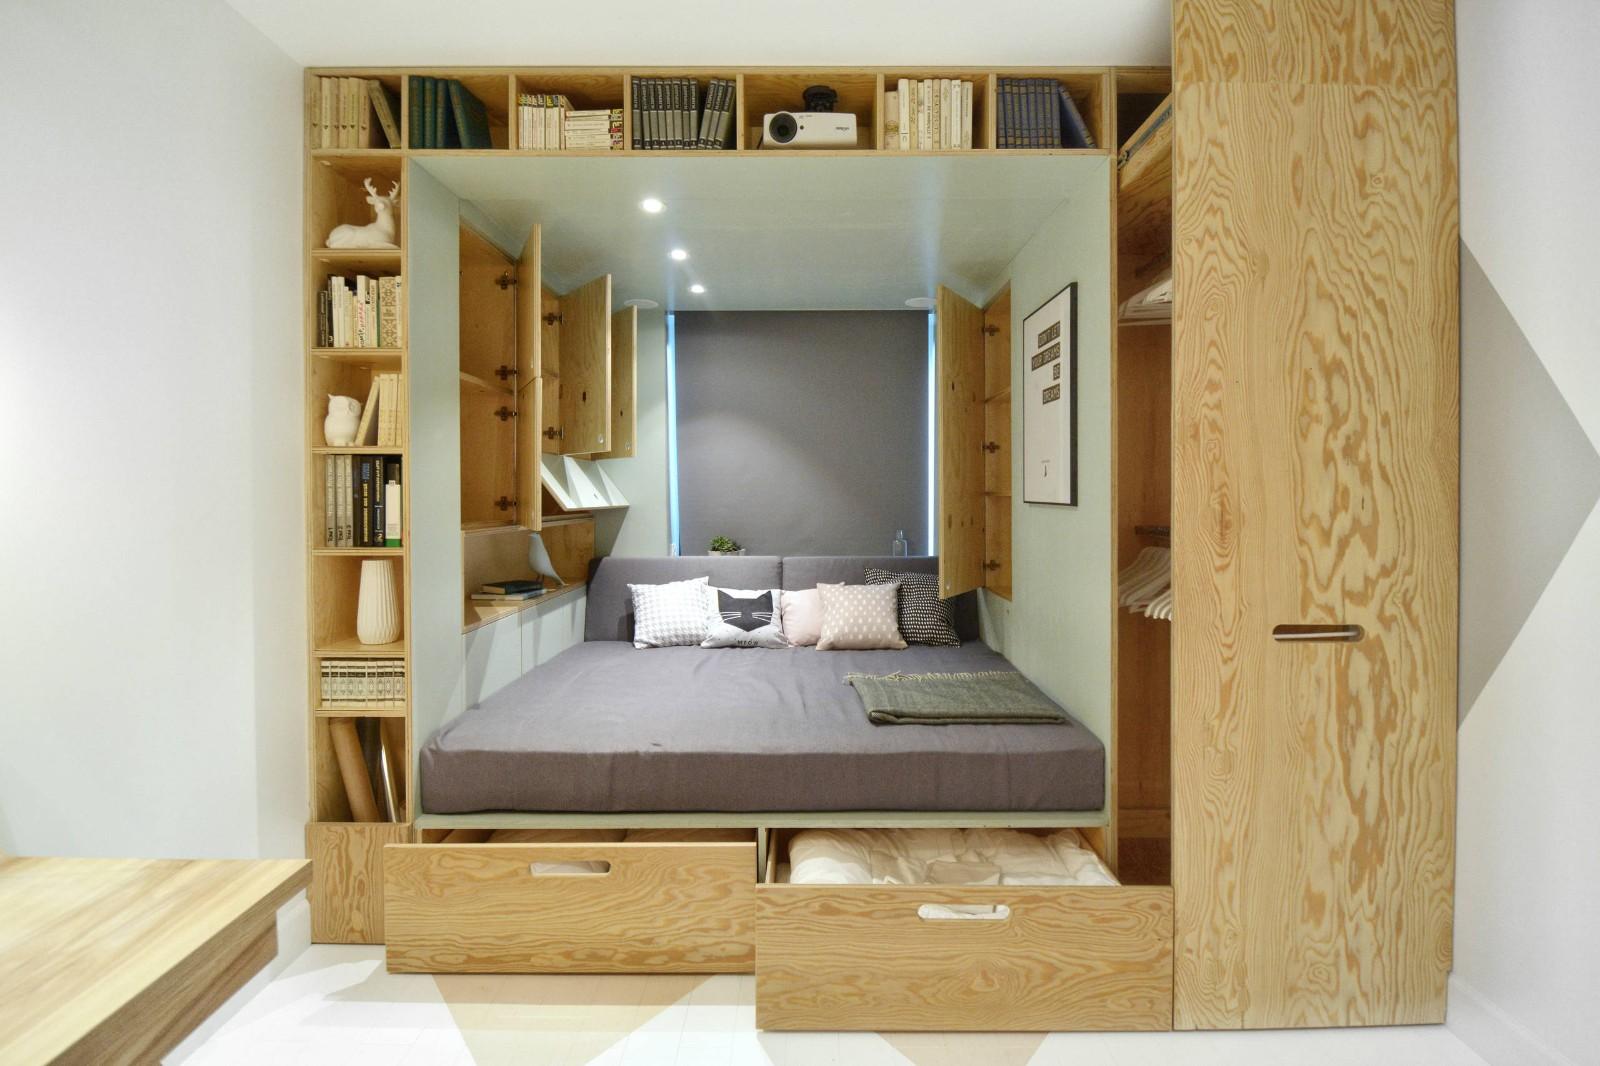 Кровать подиум в конструкции